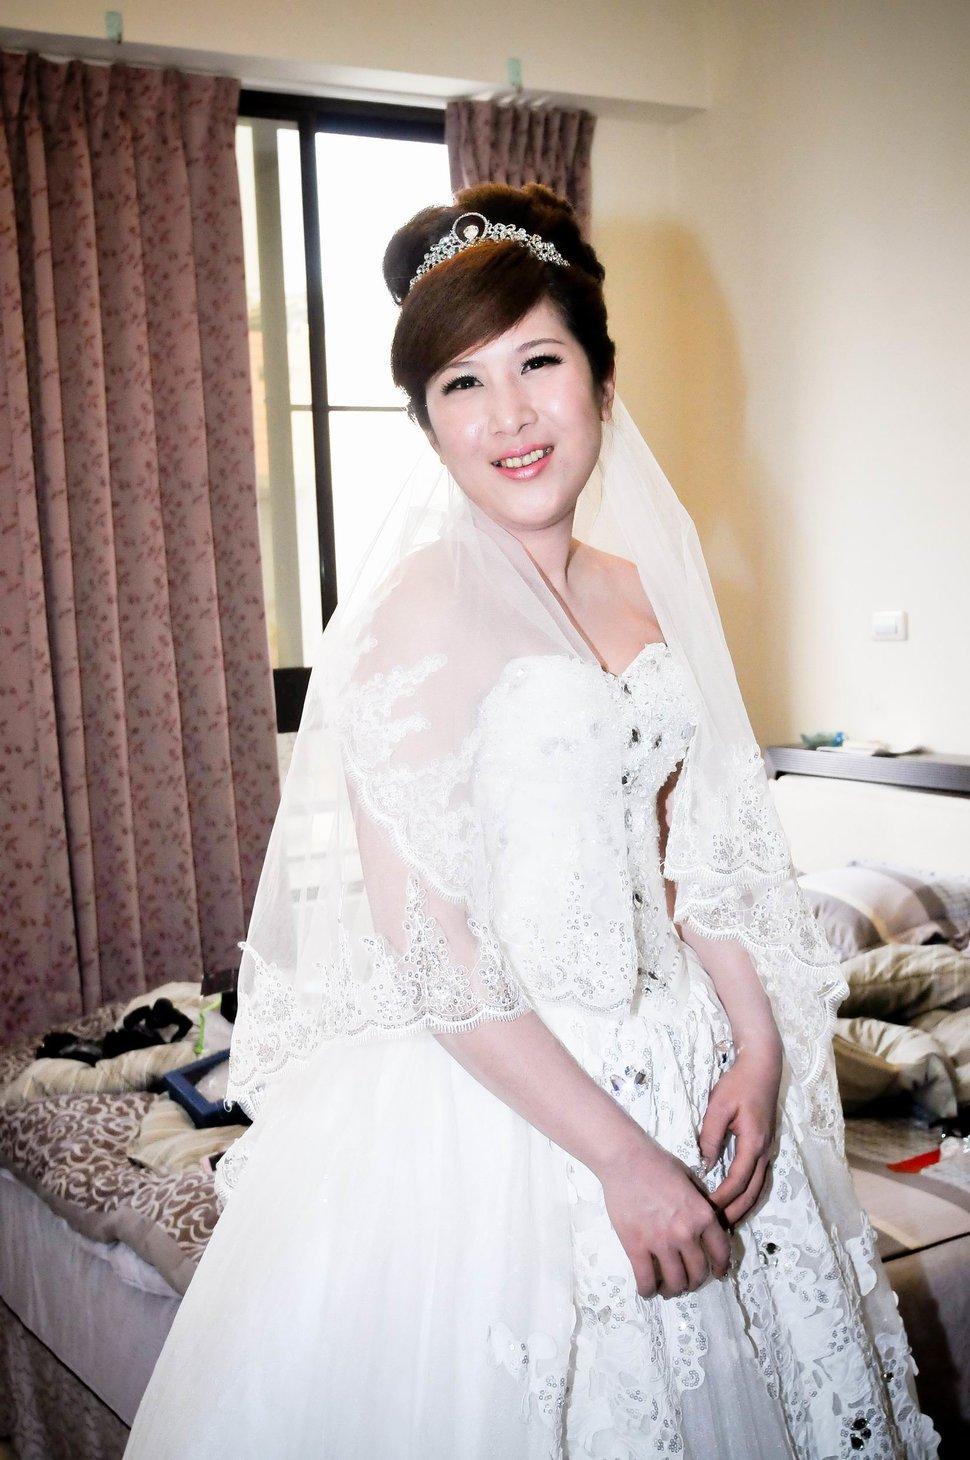 專業婚攝婚禮紀錄婚禮紀錄專業錄影婚禮錄影婚禮記錄動態微電影錄影專業錄影平面攝影婚攝婚禮主持人(編號:280382) - 蜜月拍照10800錄影12800攝影團隊 - 結婚吧